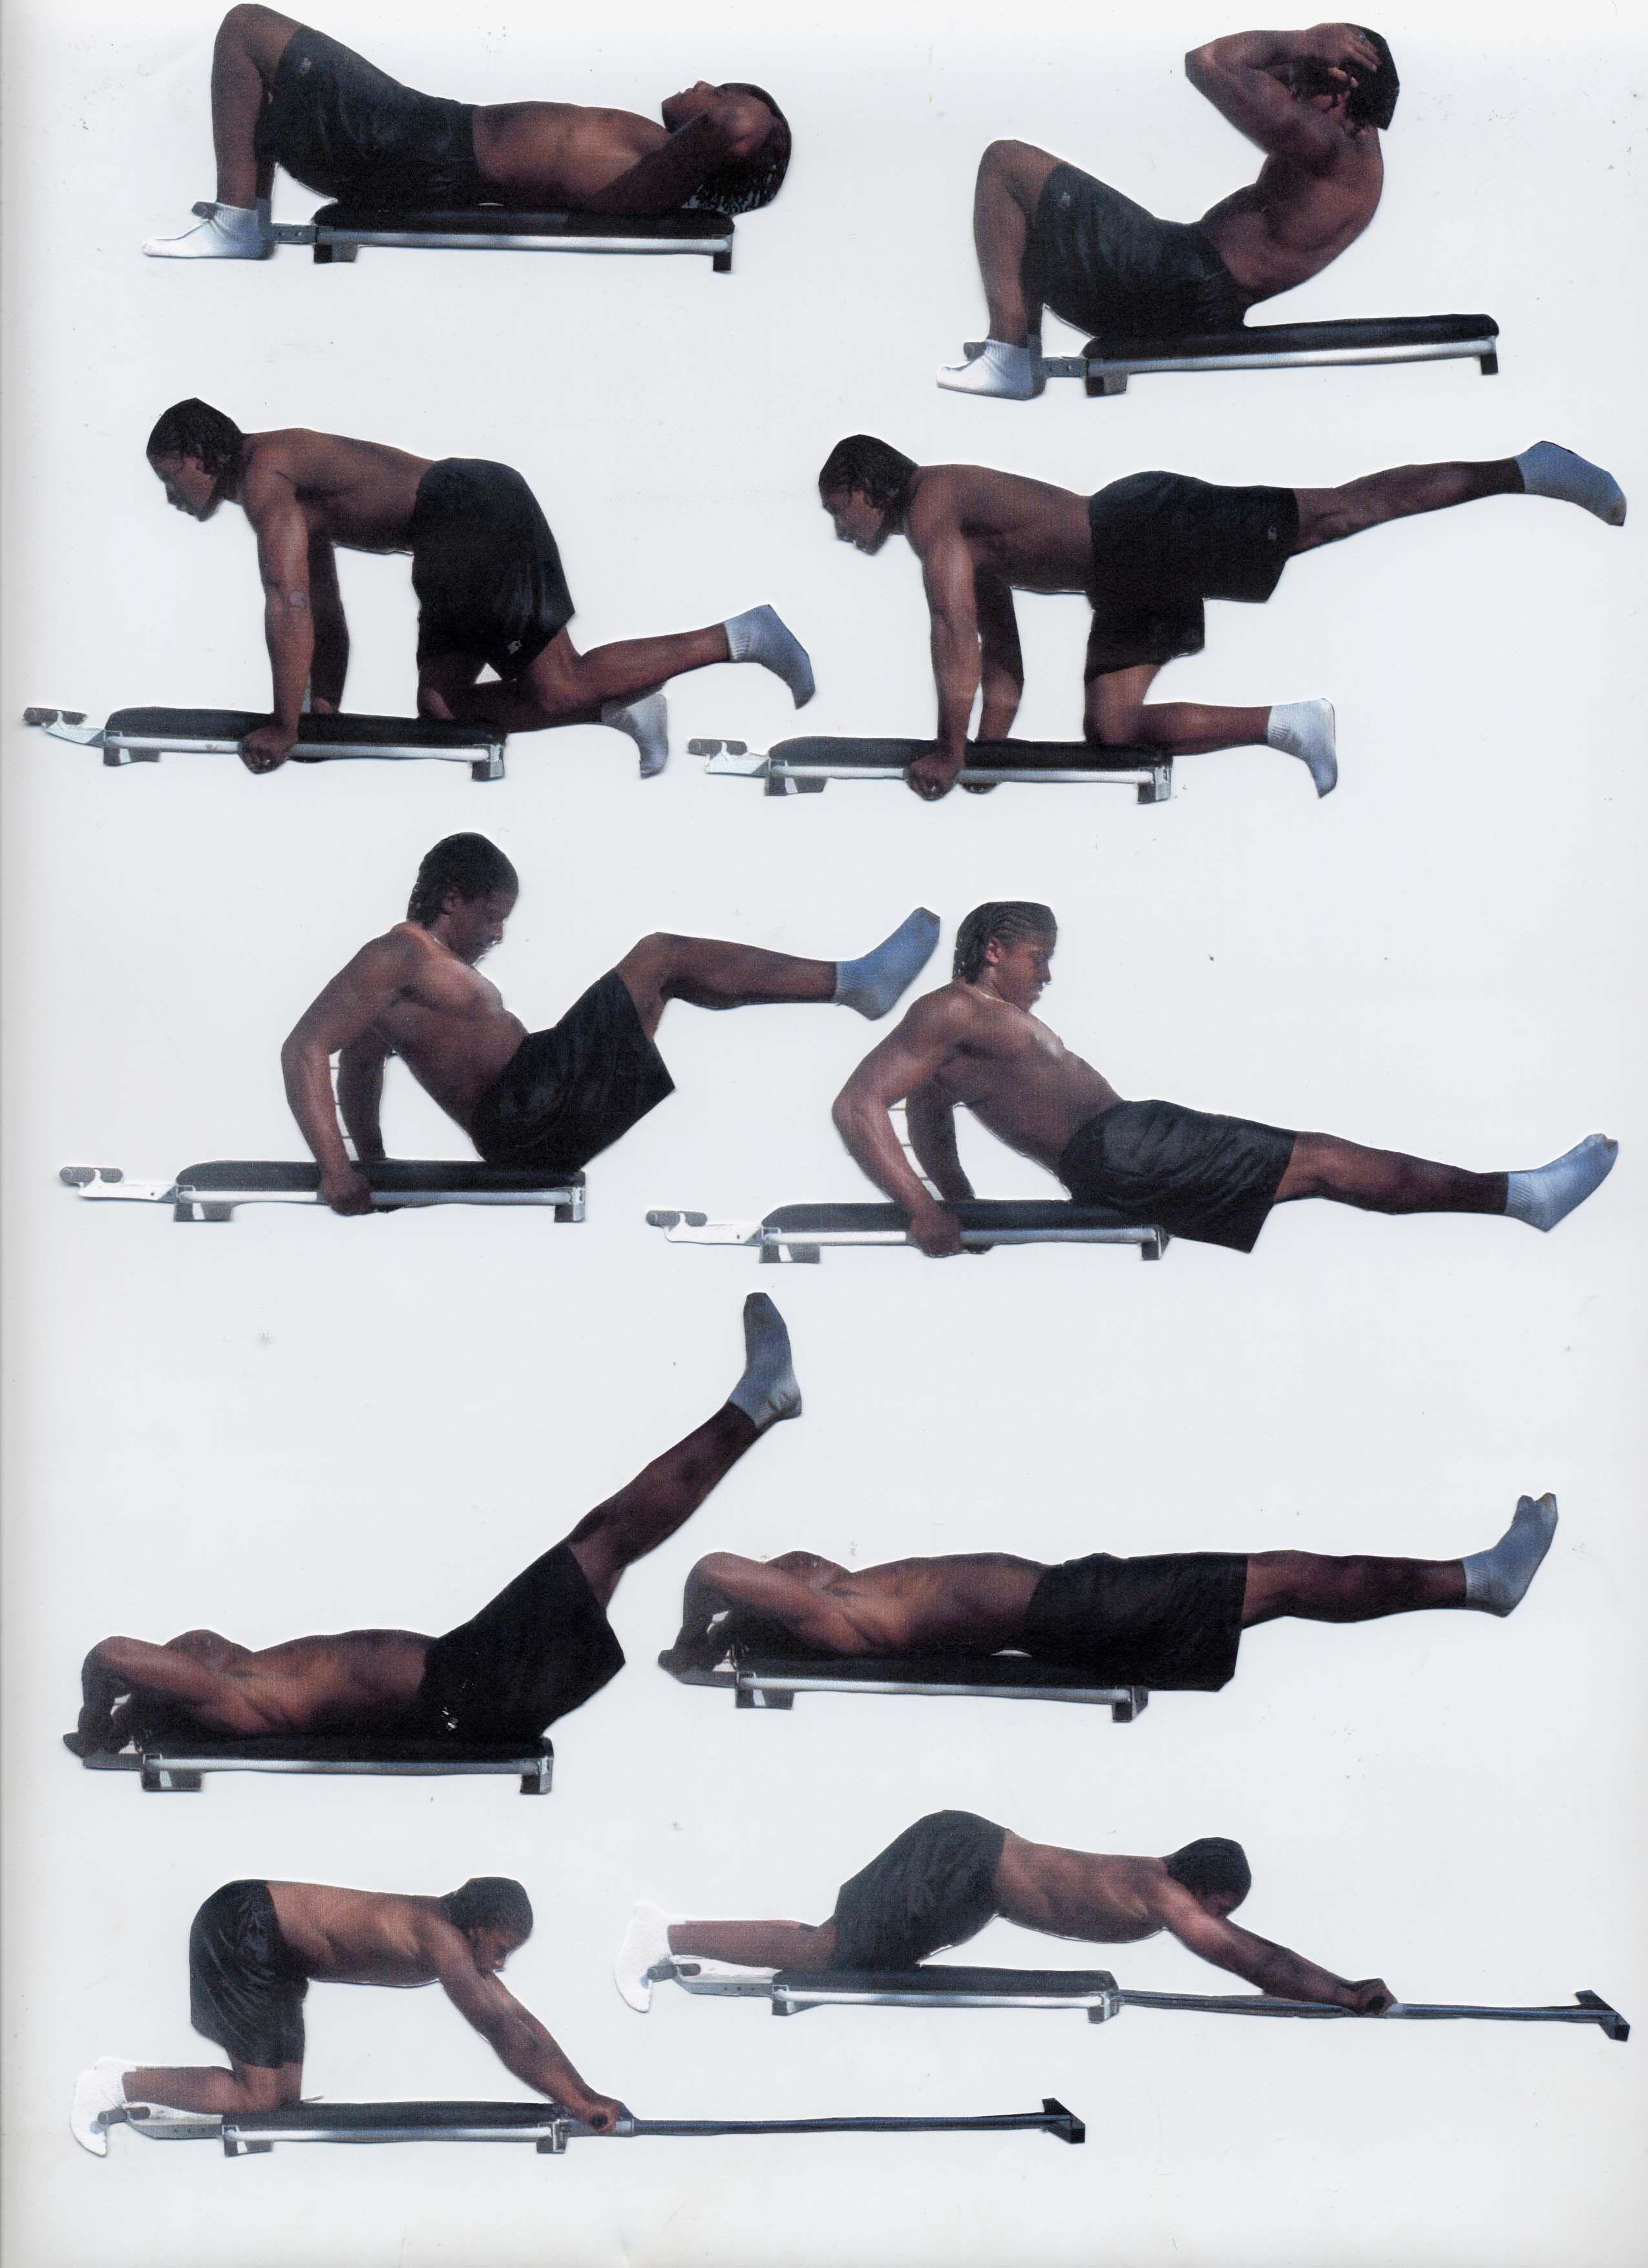 Упражнения для похудения живота и боков в домашних условиях для женщин: эффективный коплекс на 30 днейwomfit